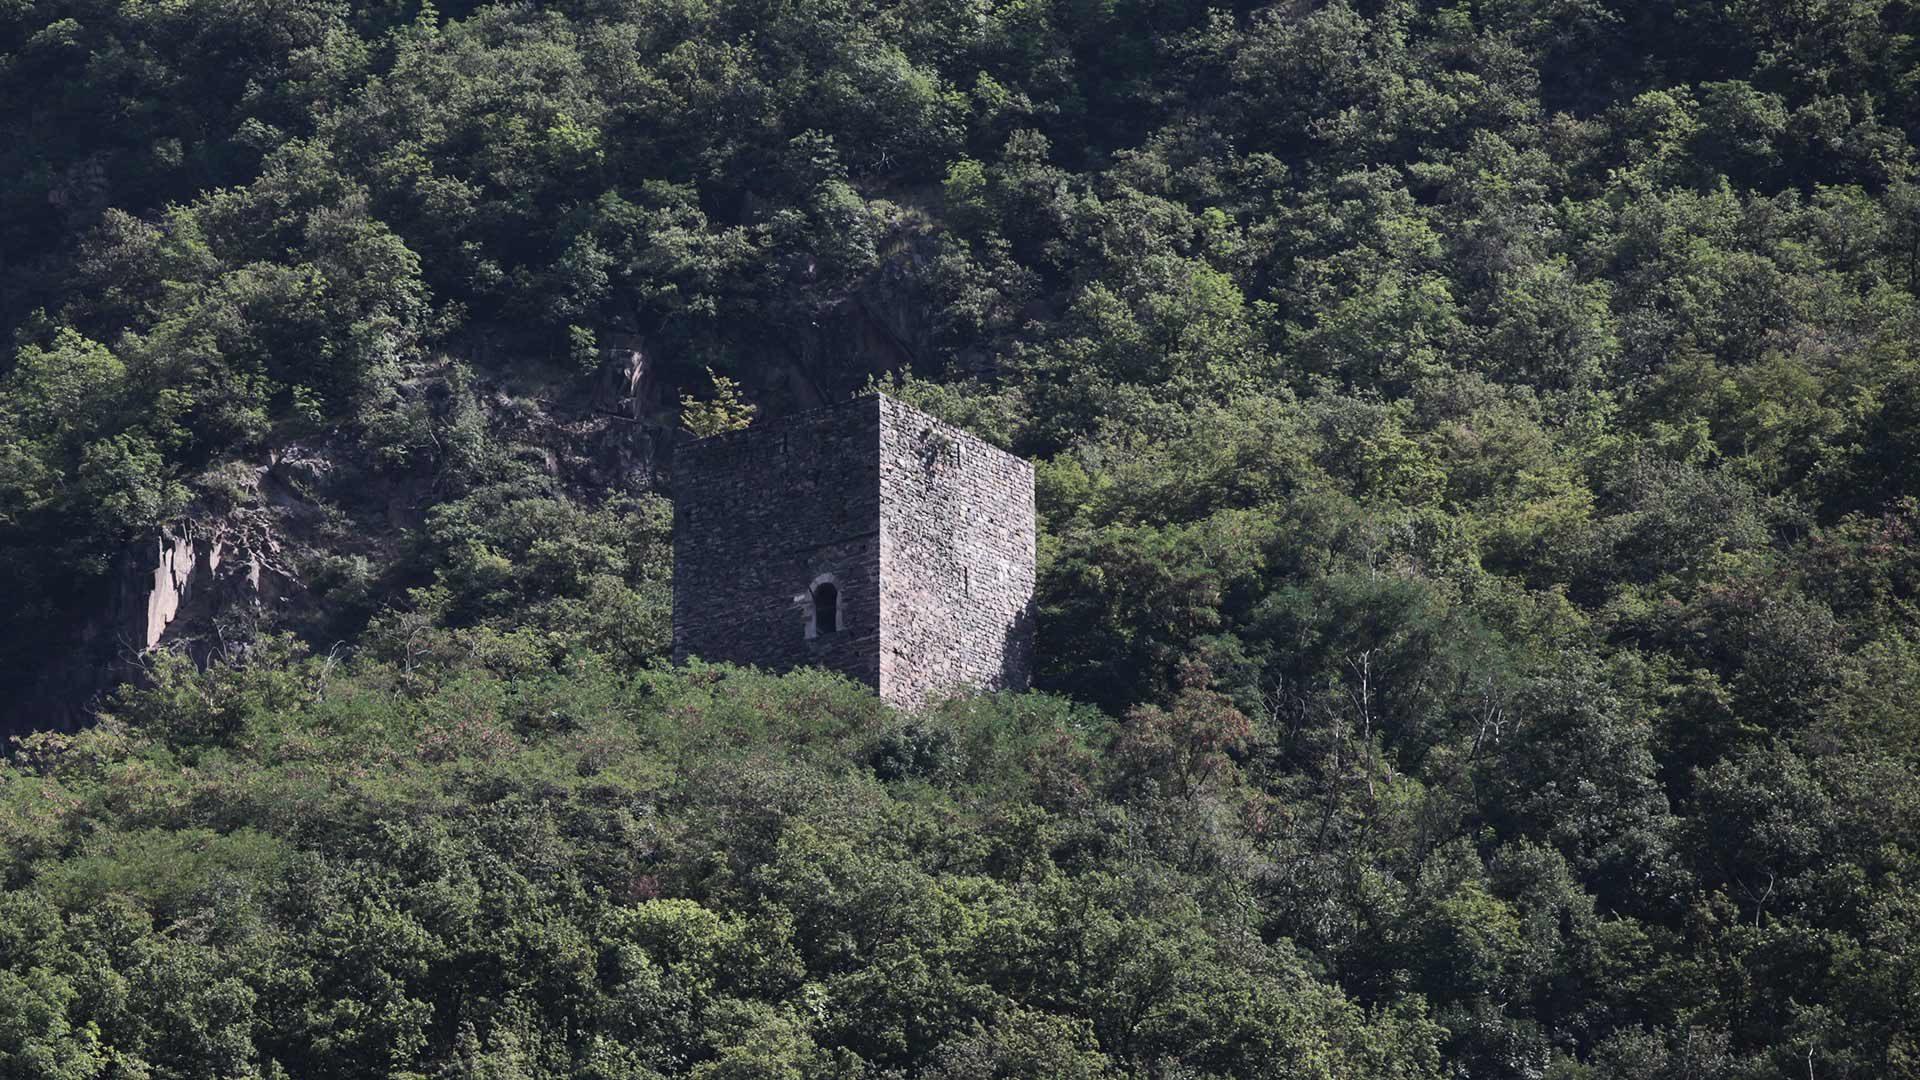 Kröllturm